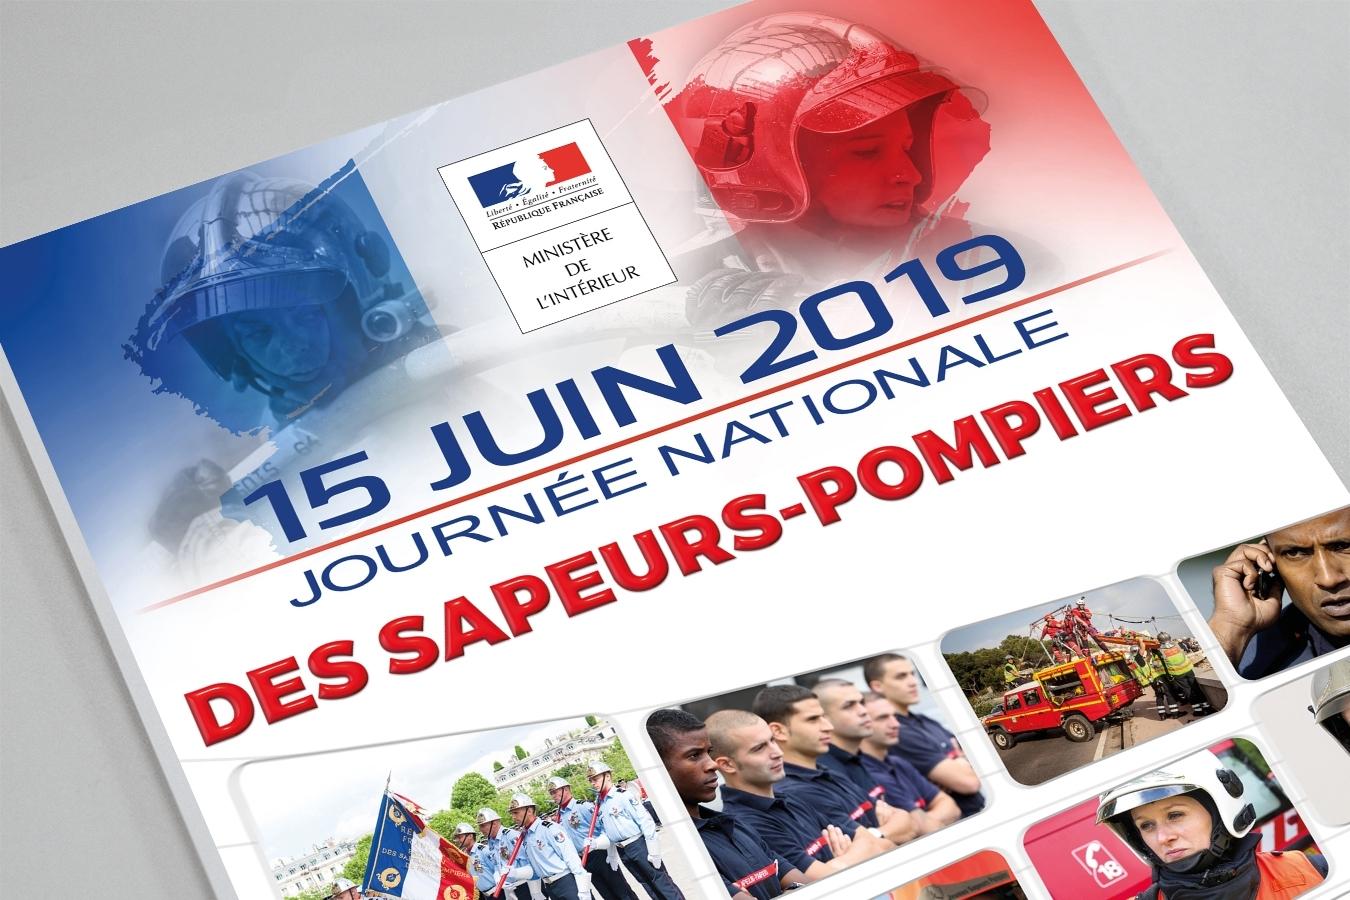 Journée nationale sapeurs-pompiers France. Portfolio de Bruno Lemaistre, graphiste freelance à Paris